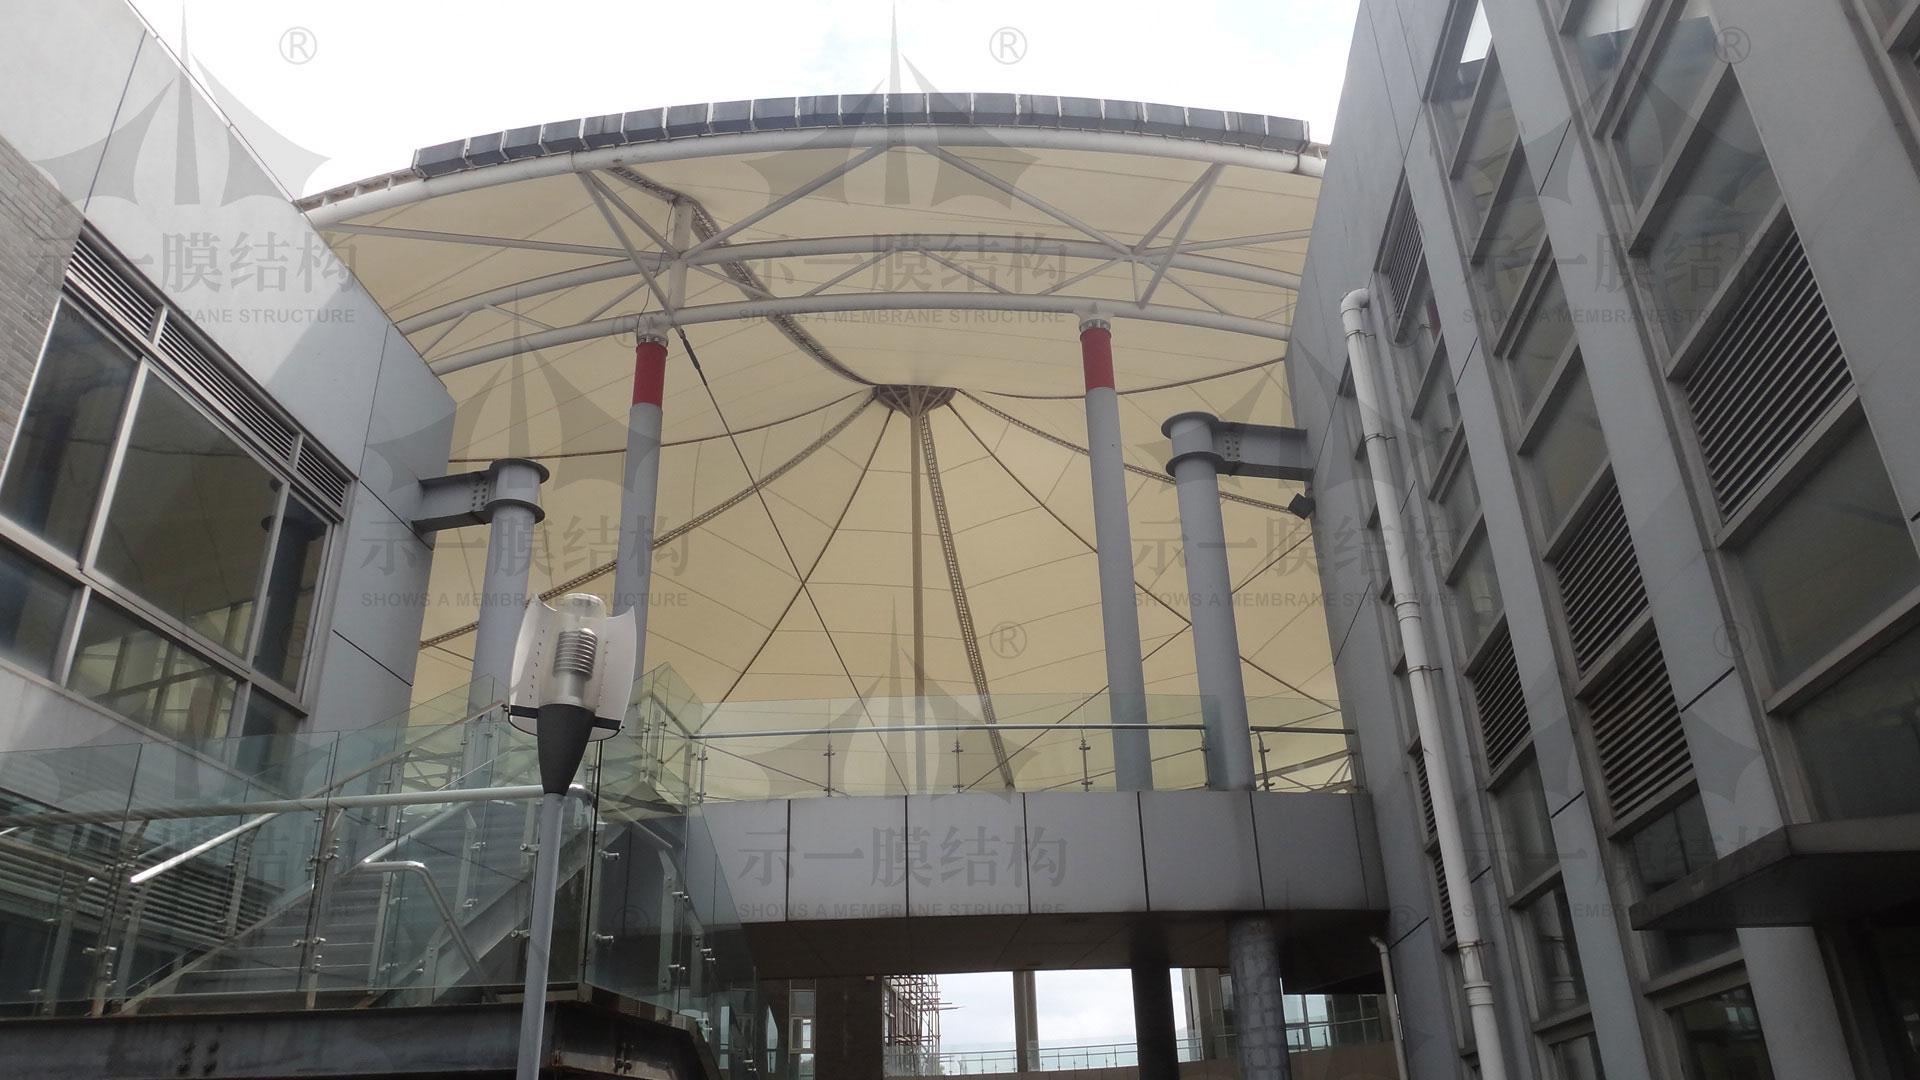 上海示一膜结构上海嘉定膜结构雨棚PTFE